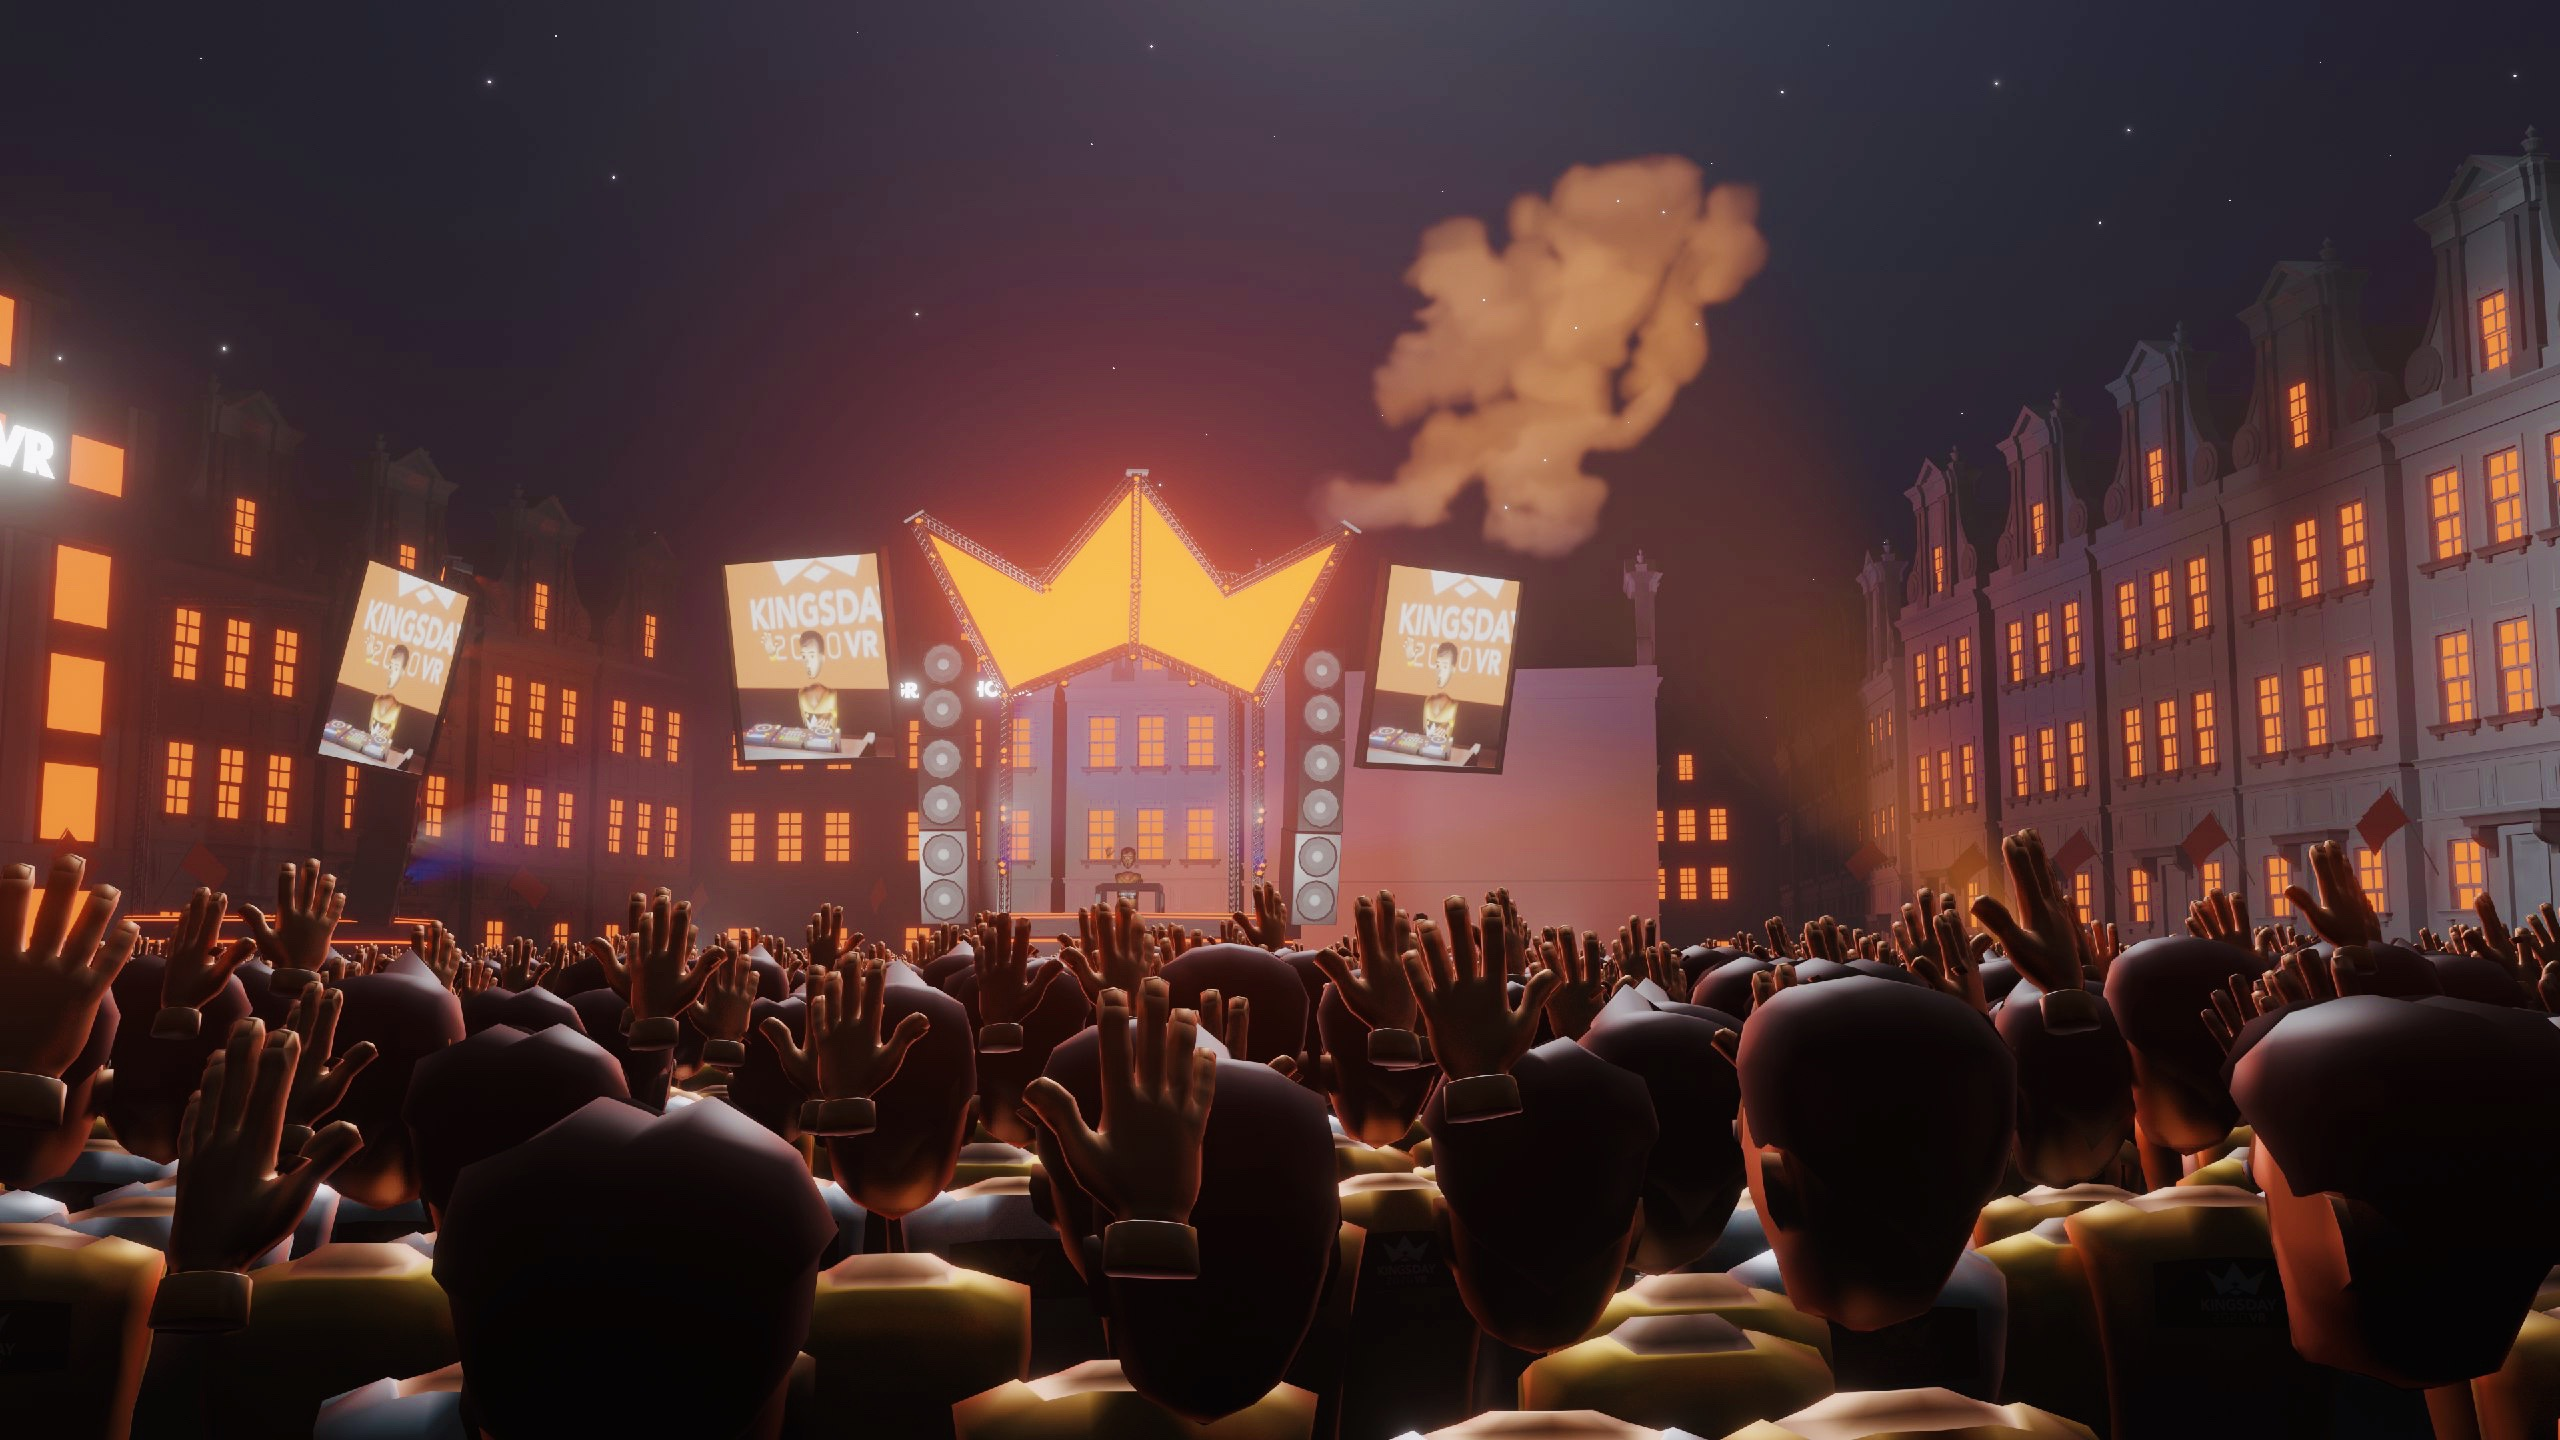 KingsdayVR placeholder